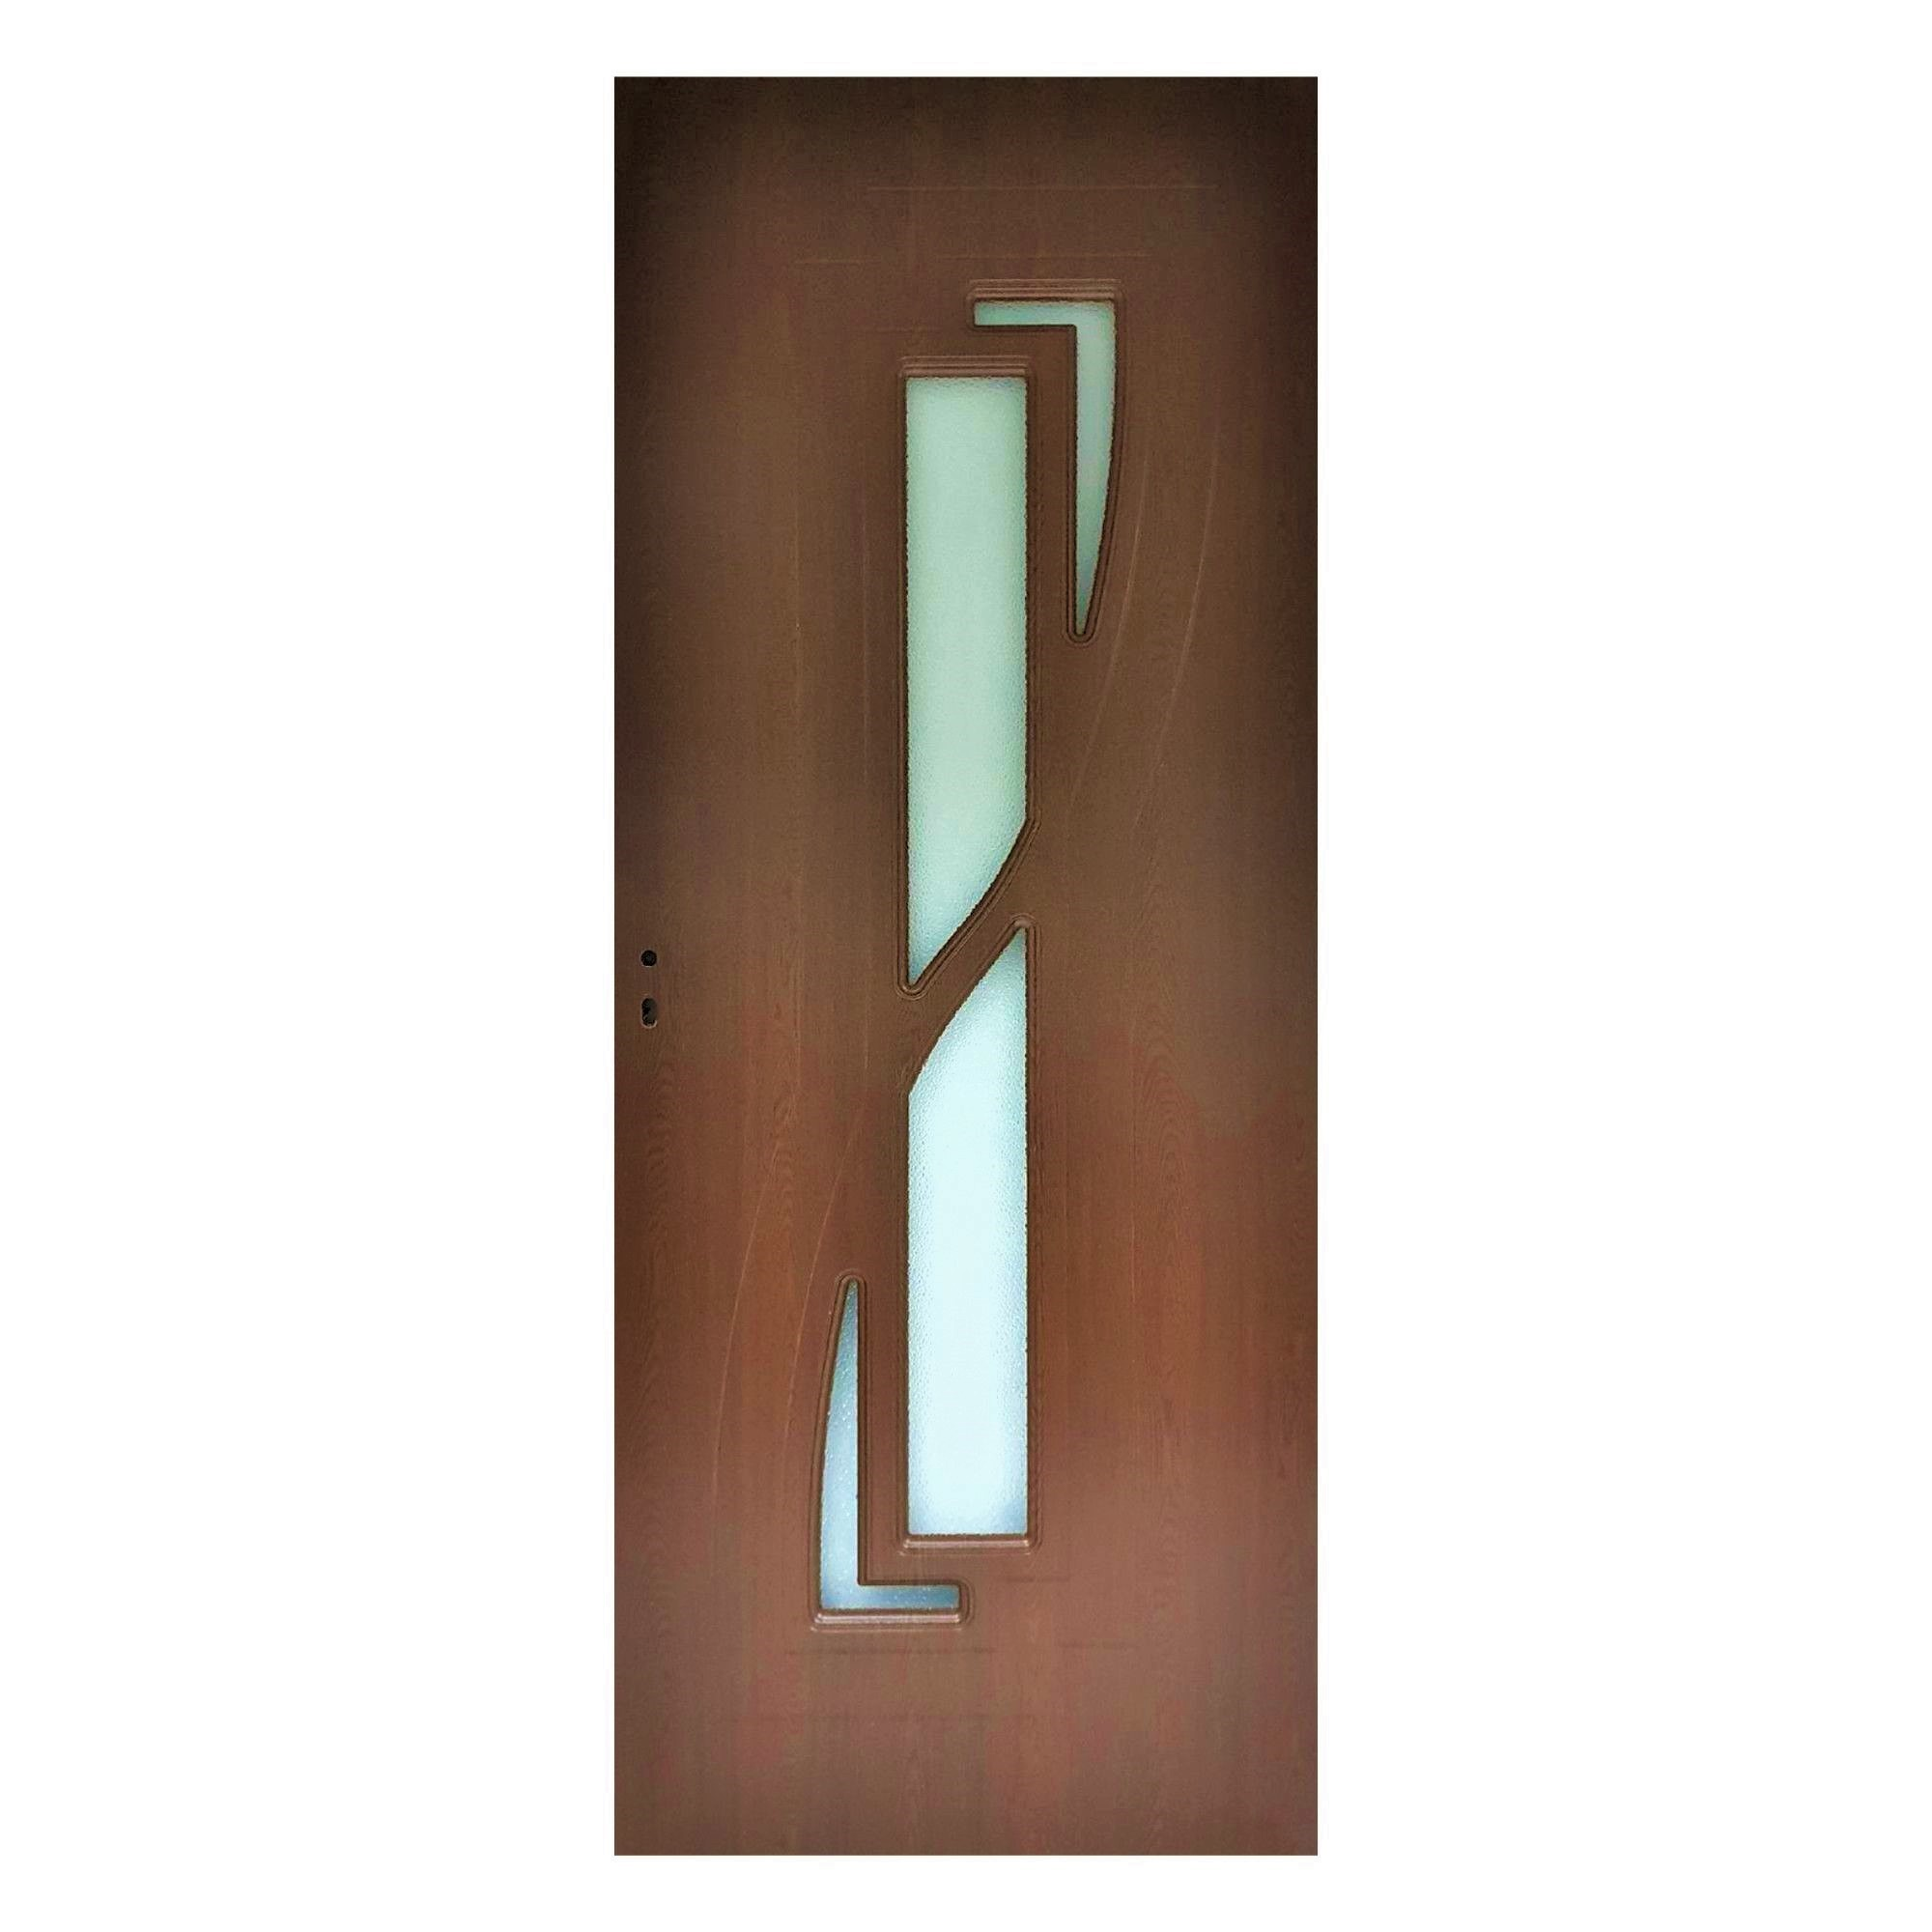 Usa interior cu geam Pamate M042, stejar auriu, 203 x 60 x 3,5 cm + toc 10 cm, reversibila mathaus 2021